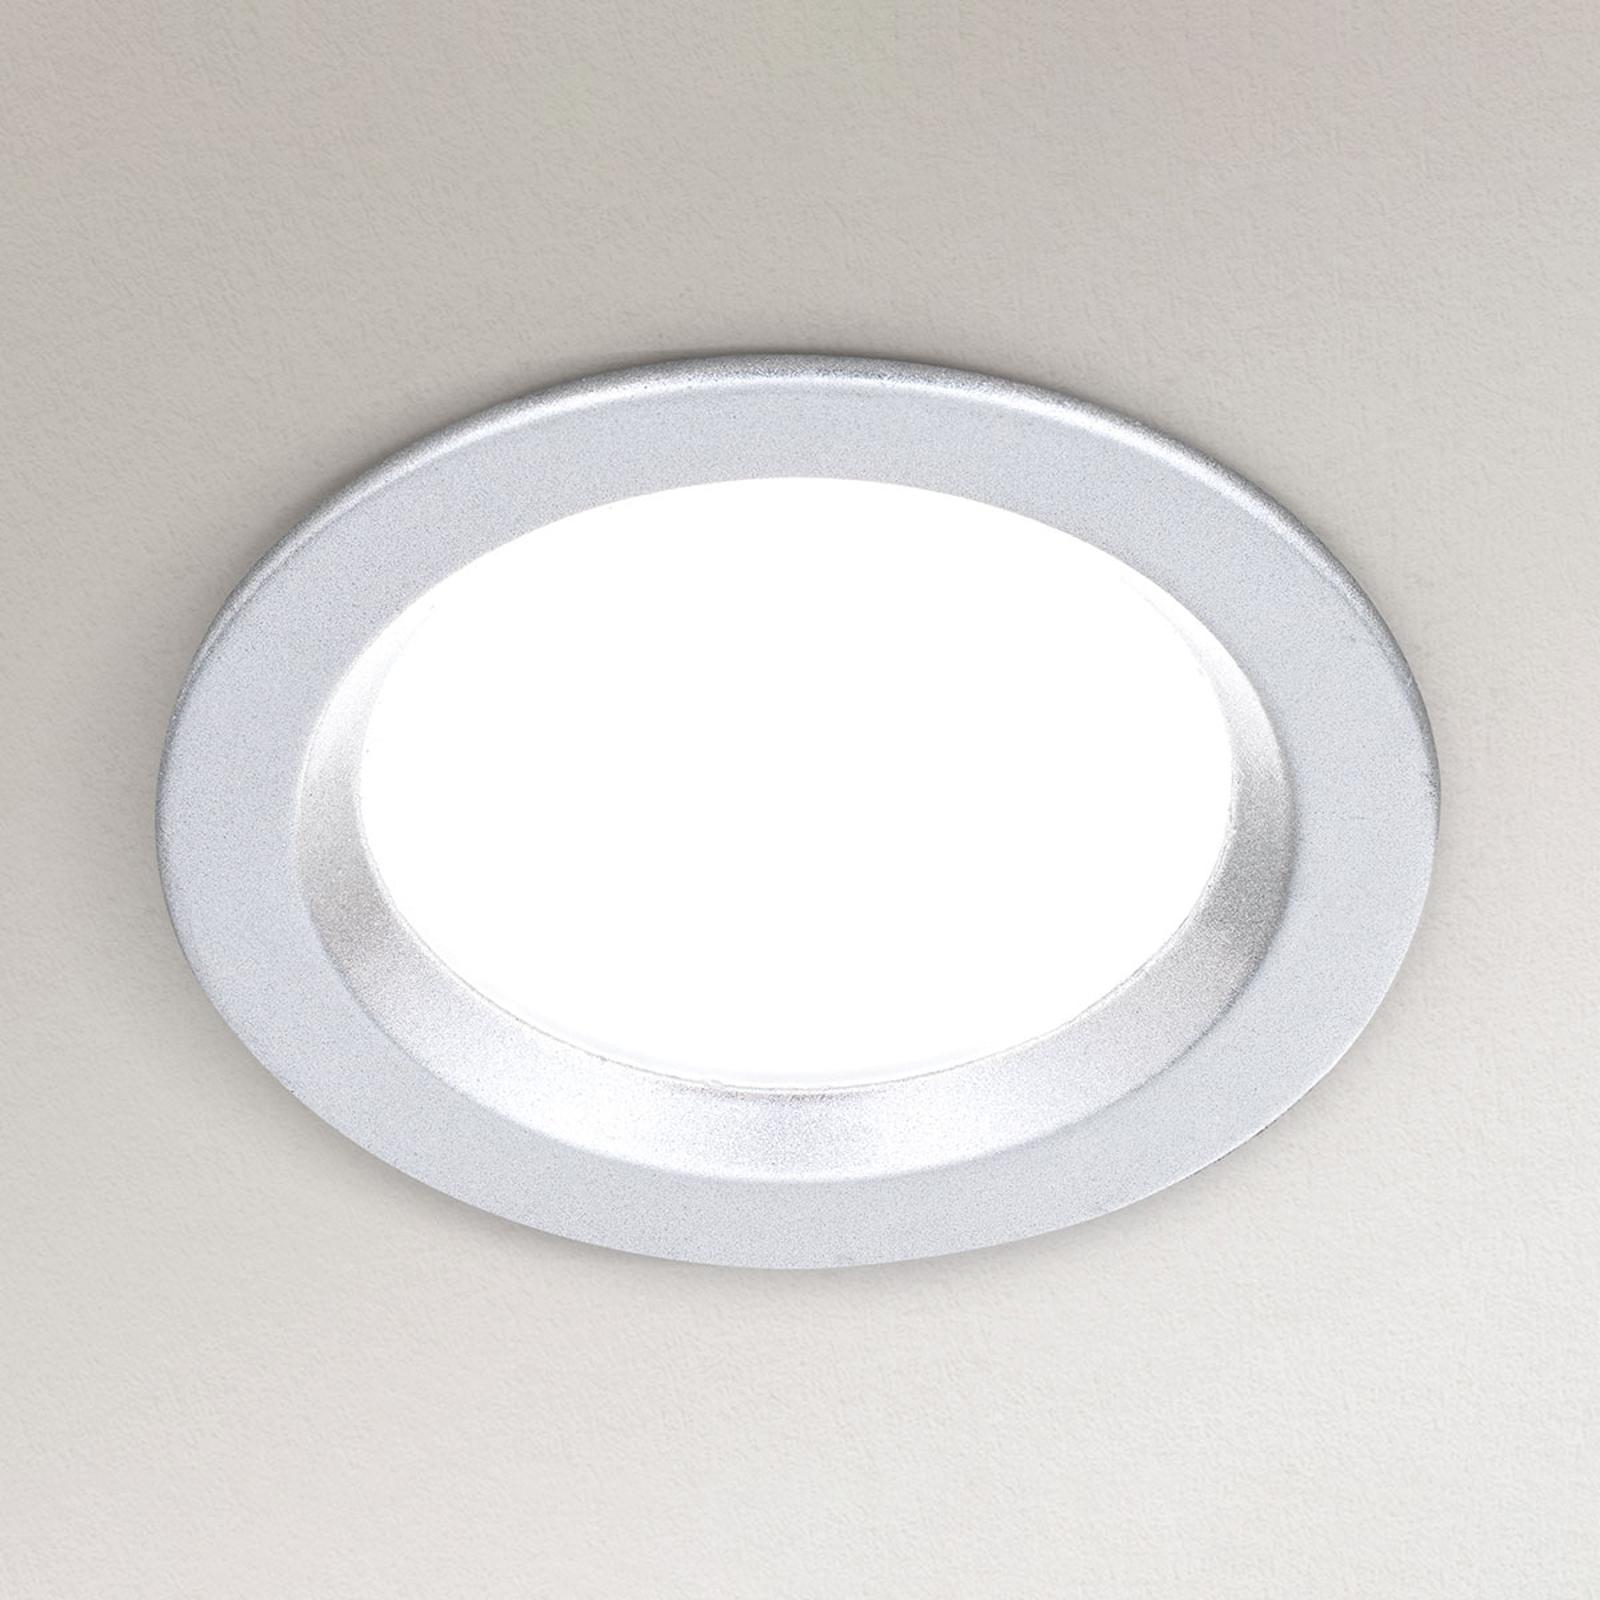 Lampe encastrée LED Spock dimmable Ø 9cm argenté